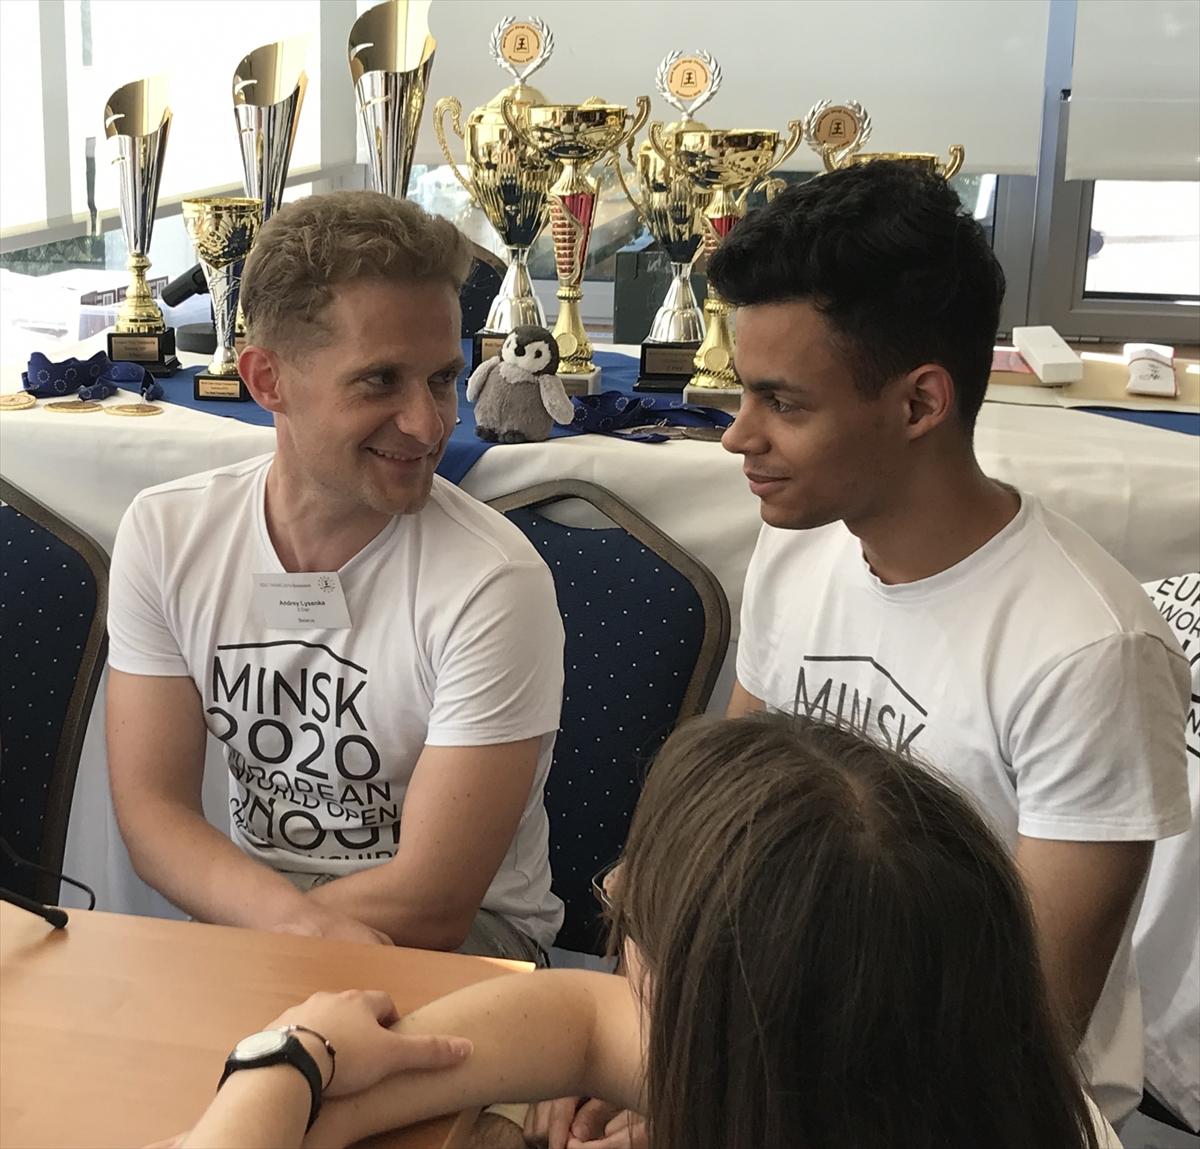 ヨーロッパ選手権優勝のタニヤンさん(右)トリセンカさん